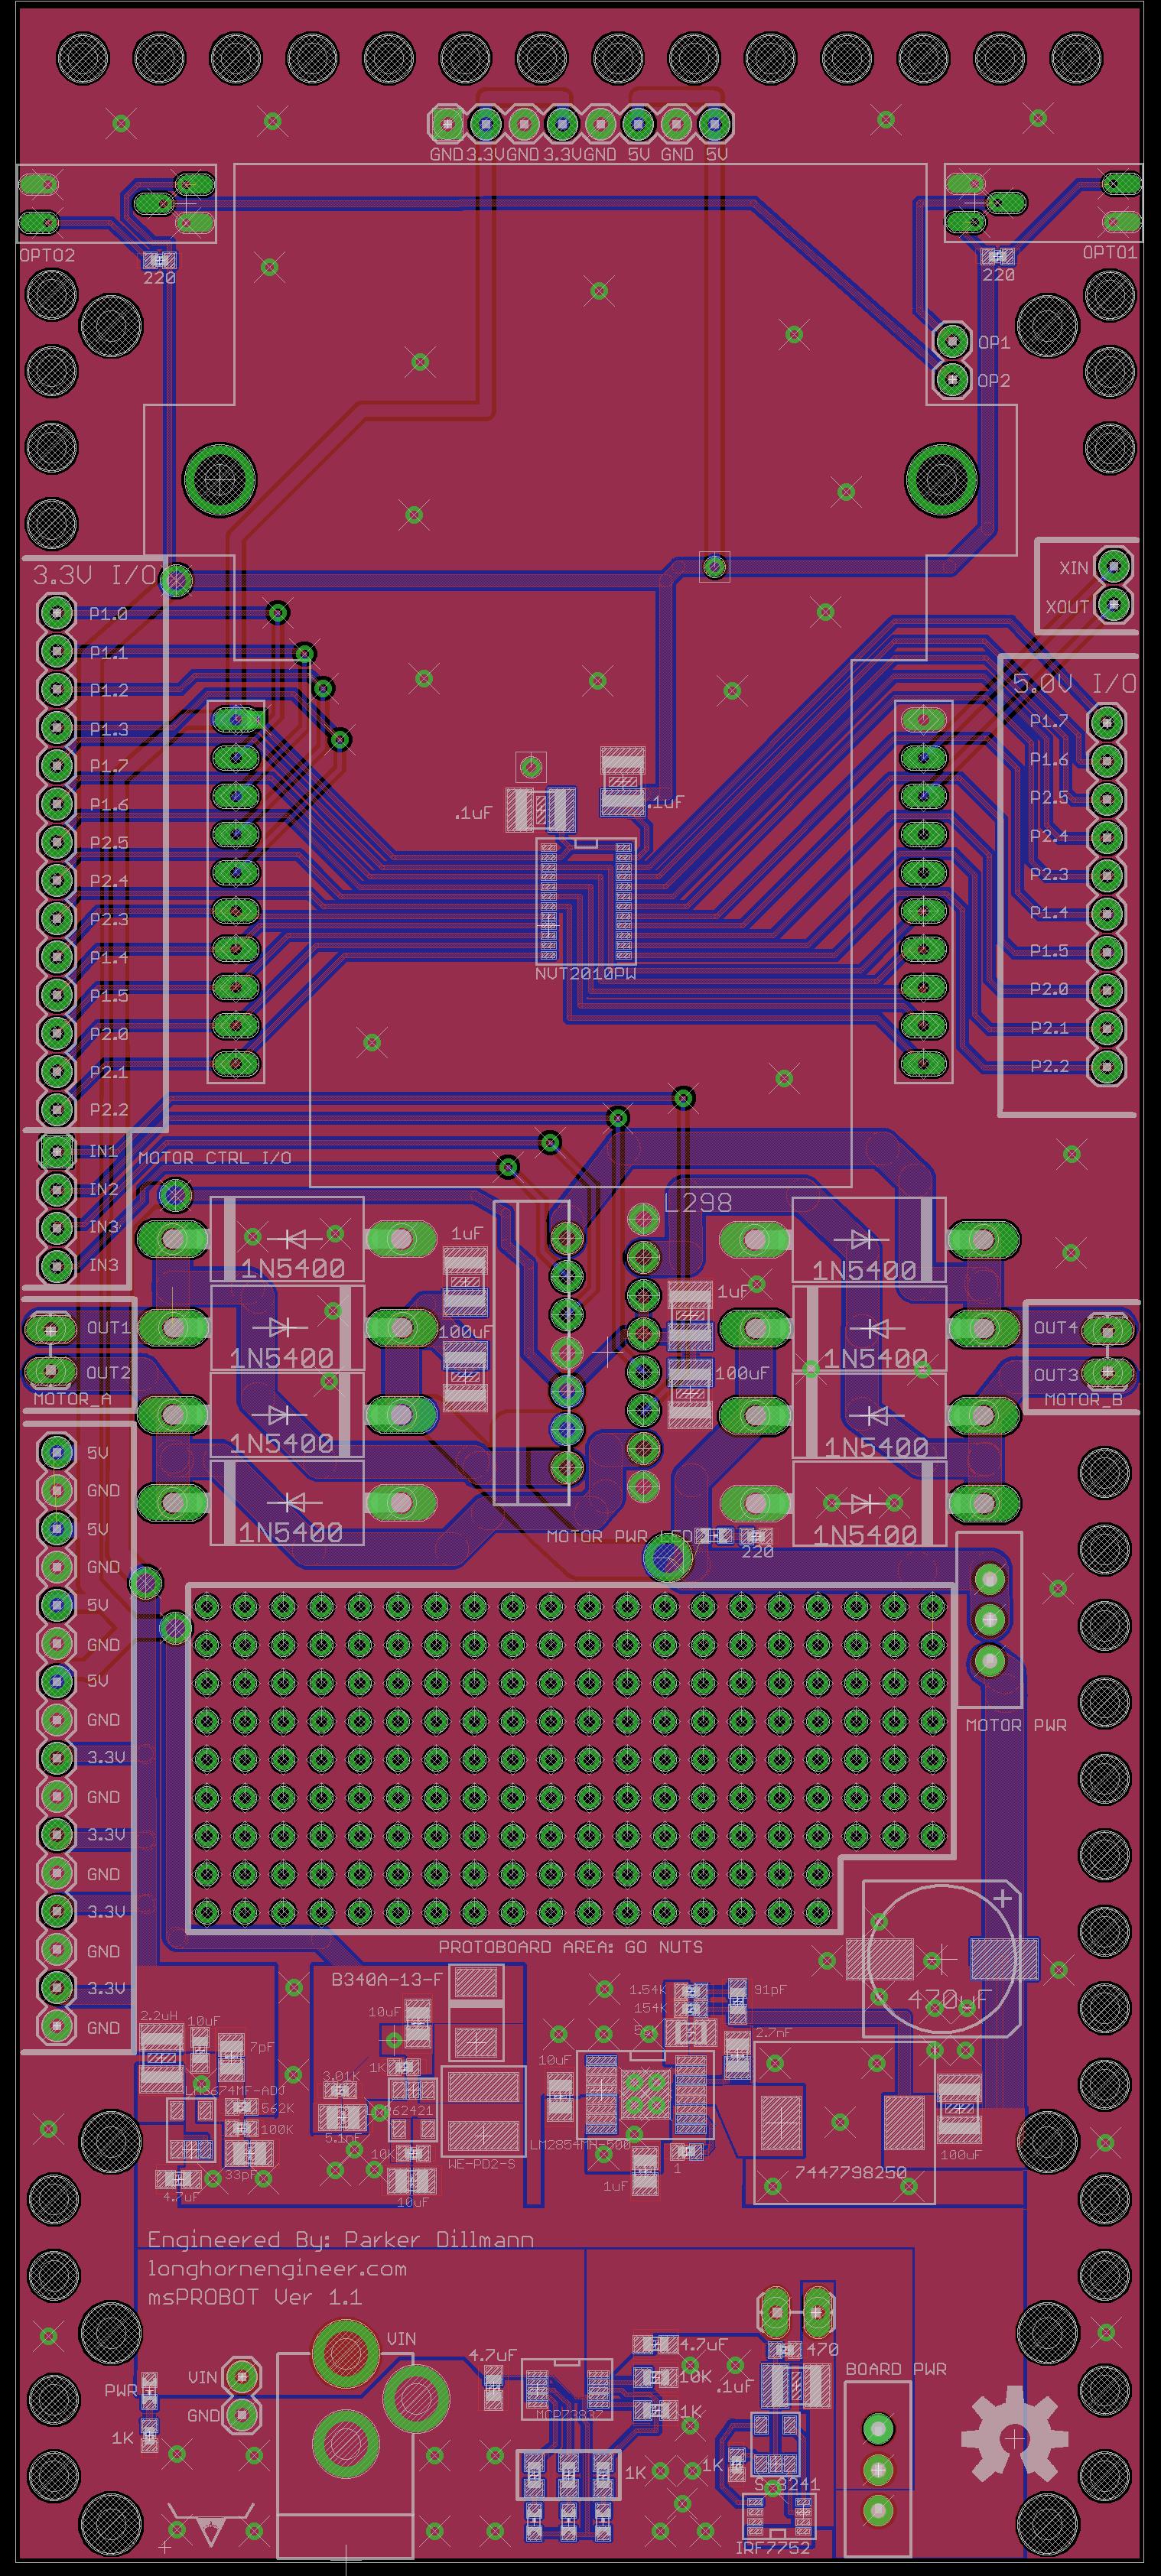 msPROBOT V1 | The Longhorn Engineer